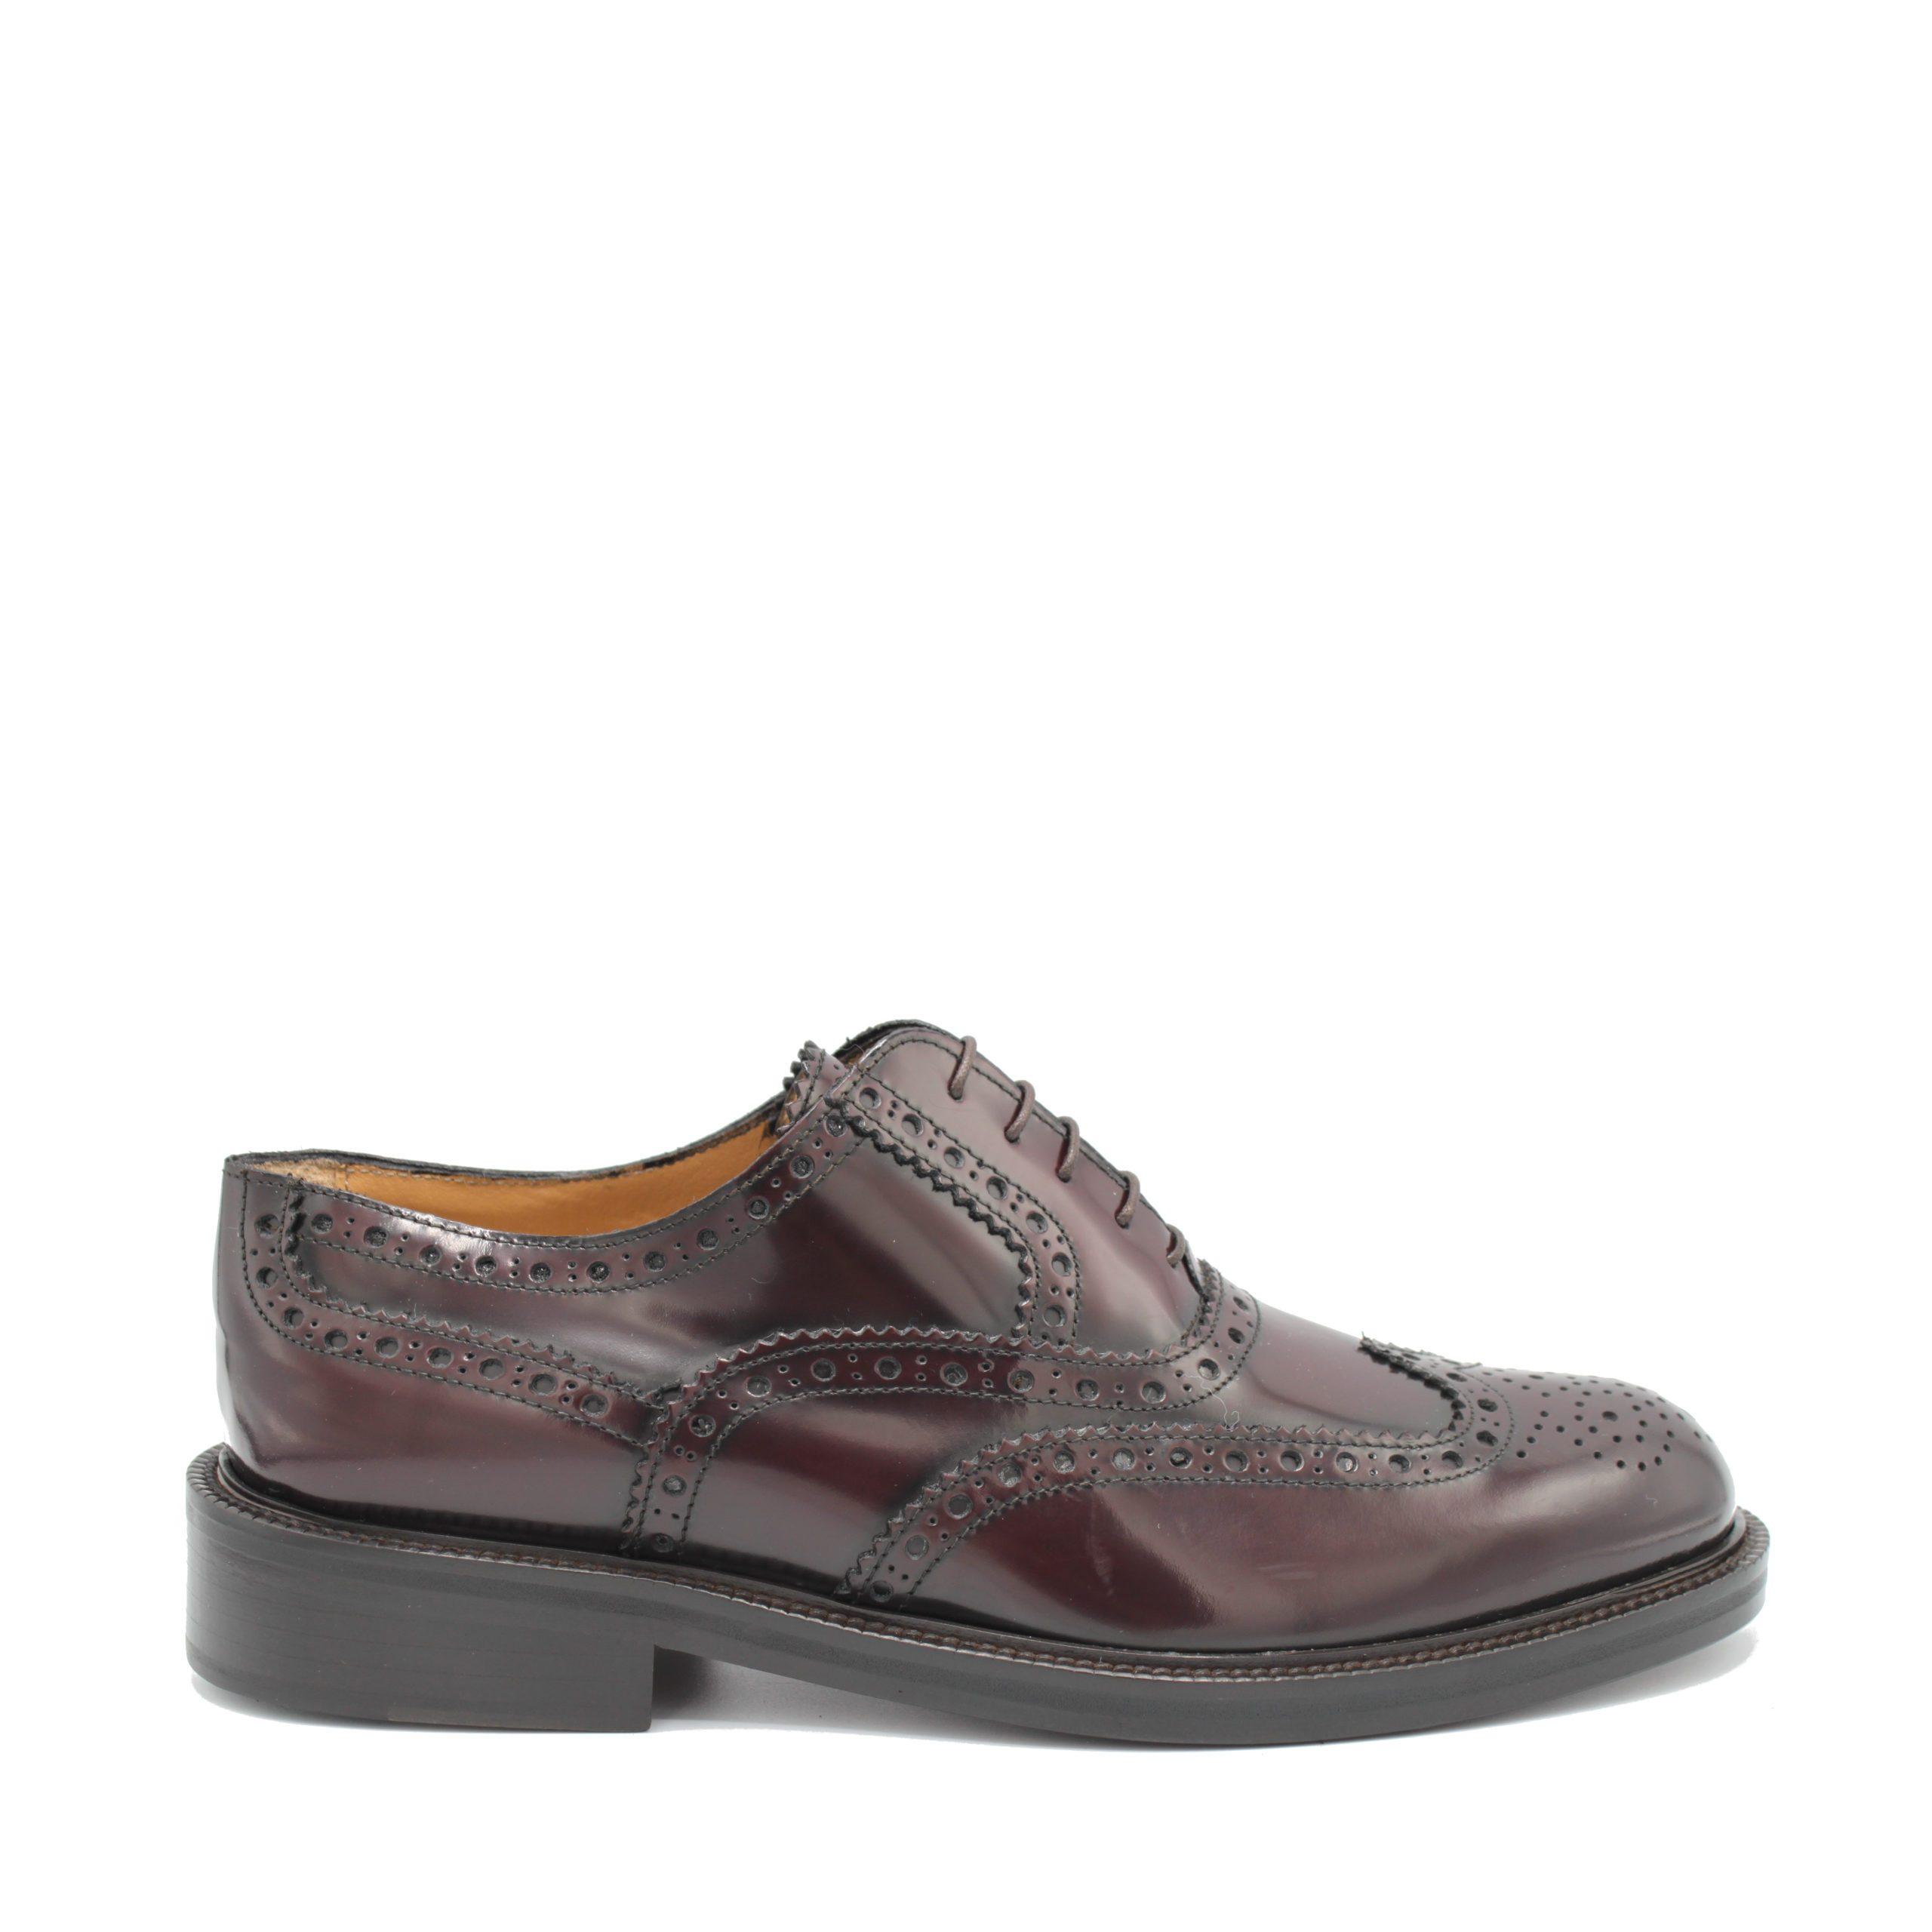 Saxone of Scotland Men's Spazzolato Leather Laced Brogue Shoe Bordeaux 080_Bordeaux - EU40.5/US7.5